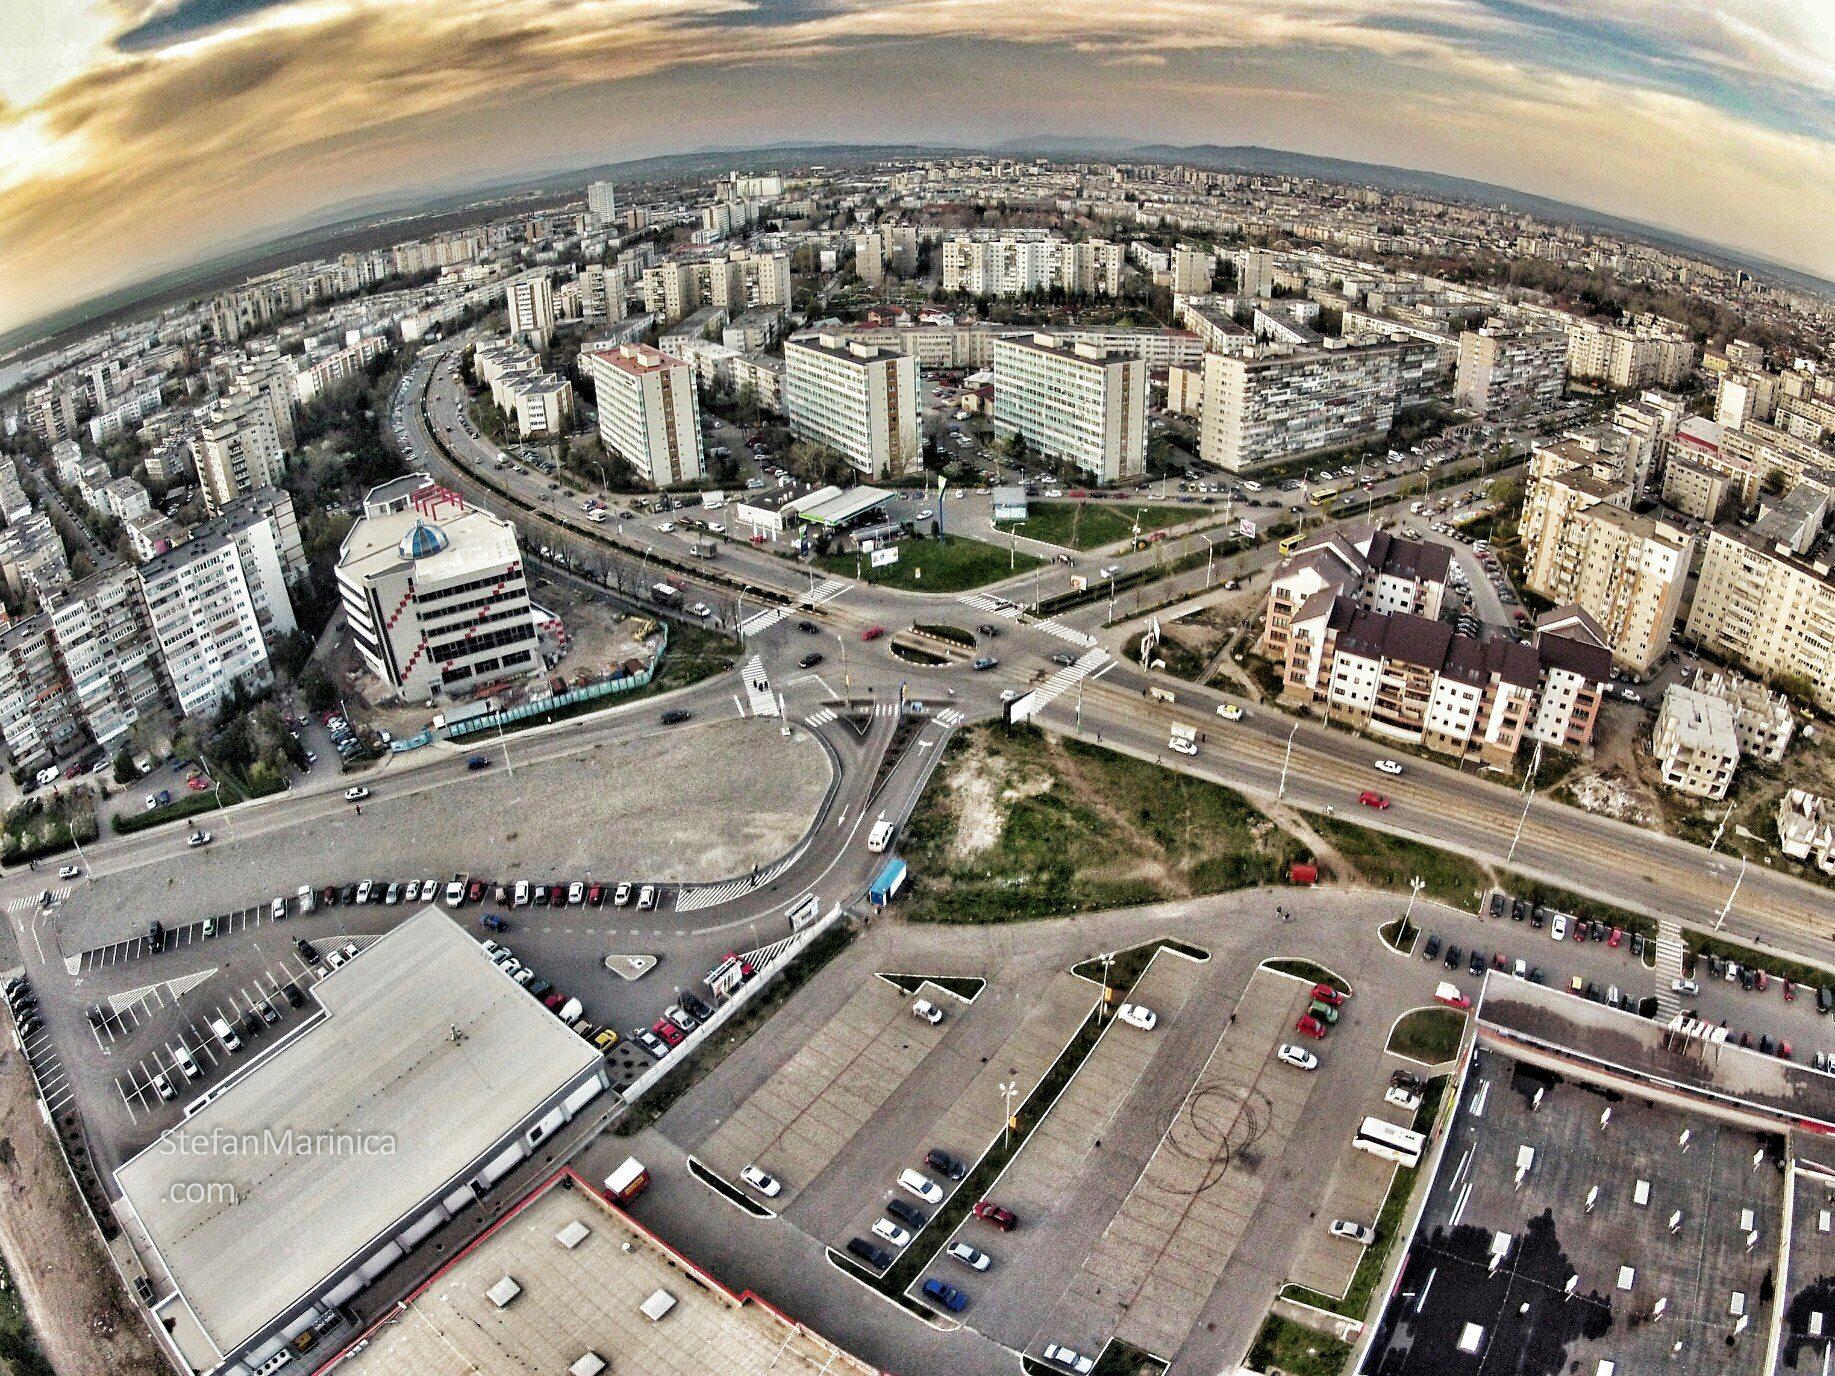 Câștigător alegeri 2016 ploiești (Foto: dronestagr.am)